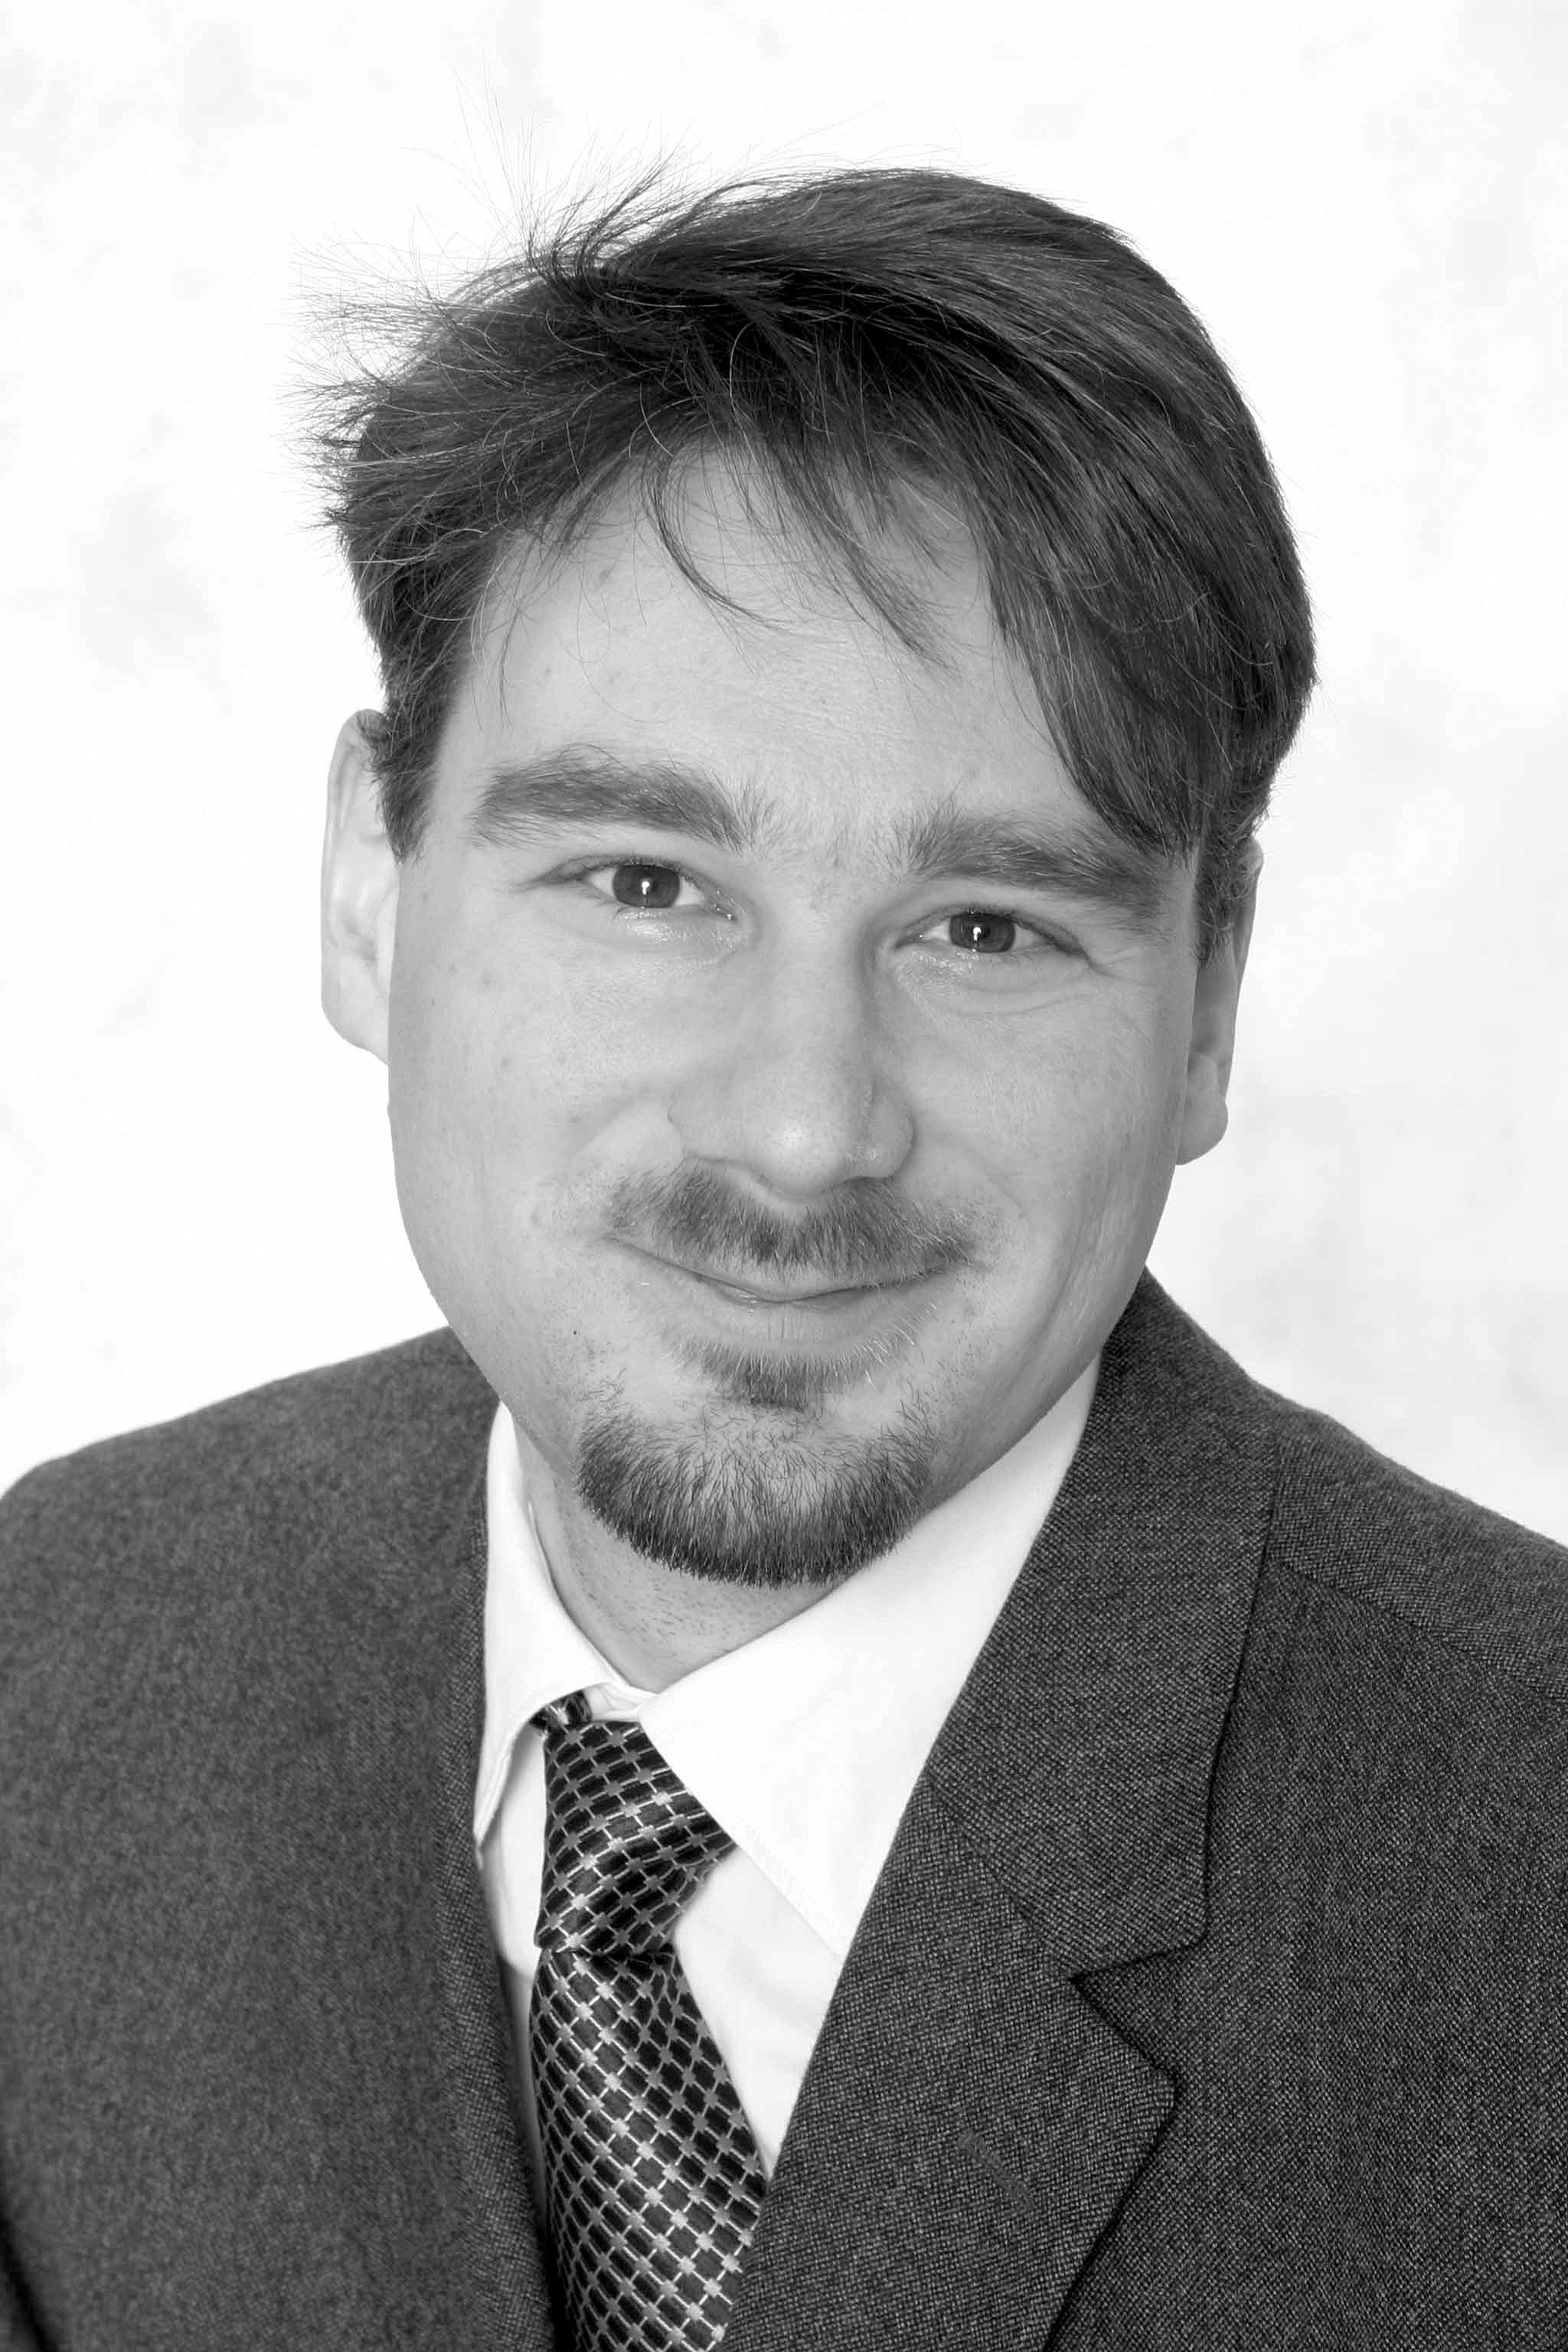 Harald Kother gehört zu den Experten für Gesundheit im Betrieb. Er ist Fachjournalist für Gesundheit und Medizin.